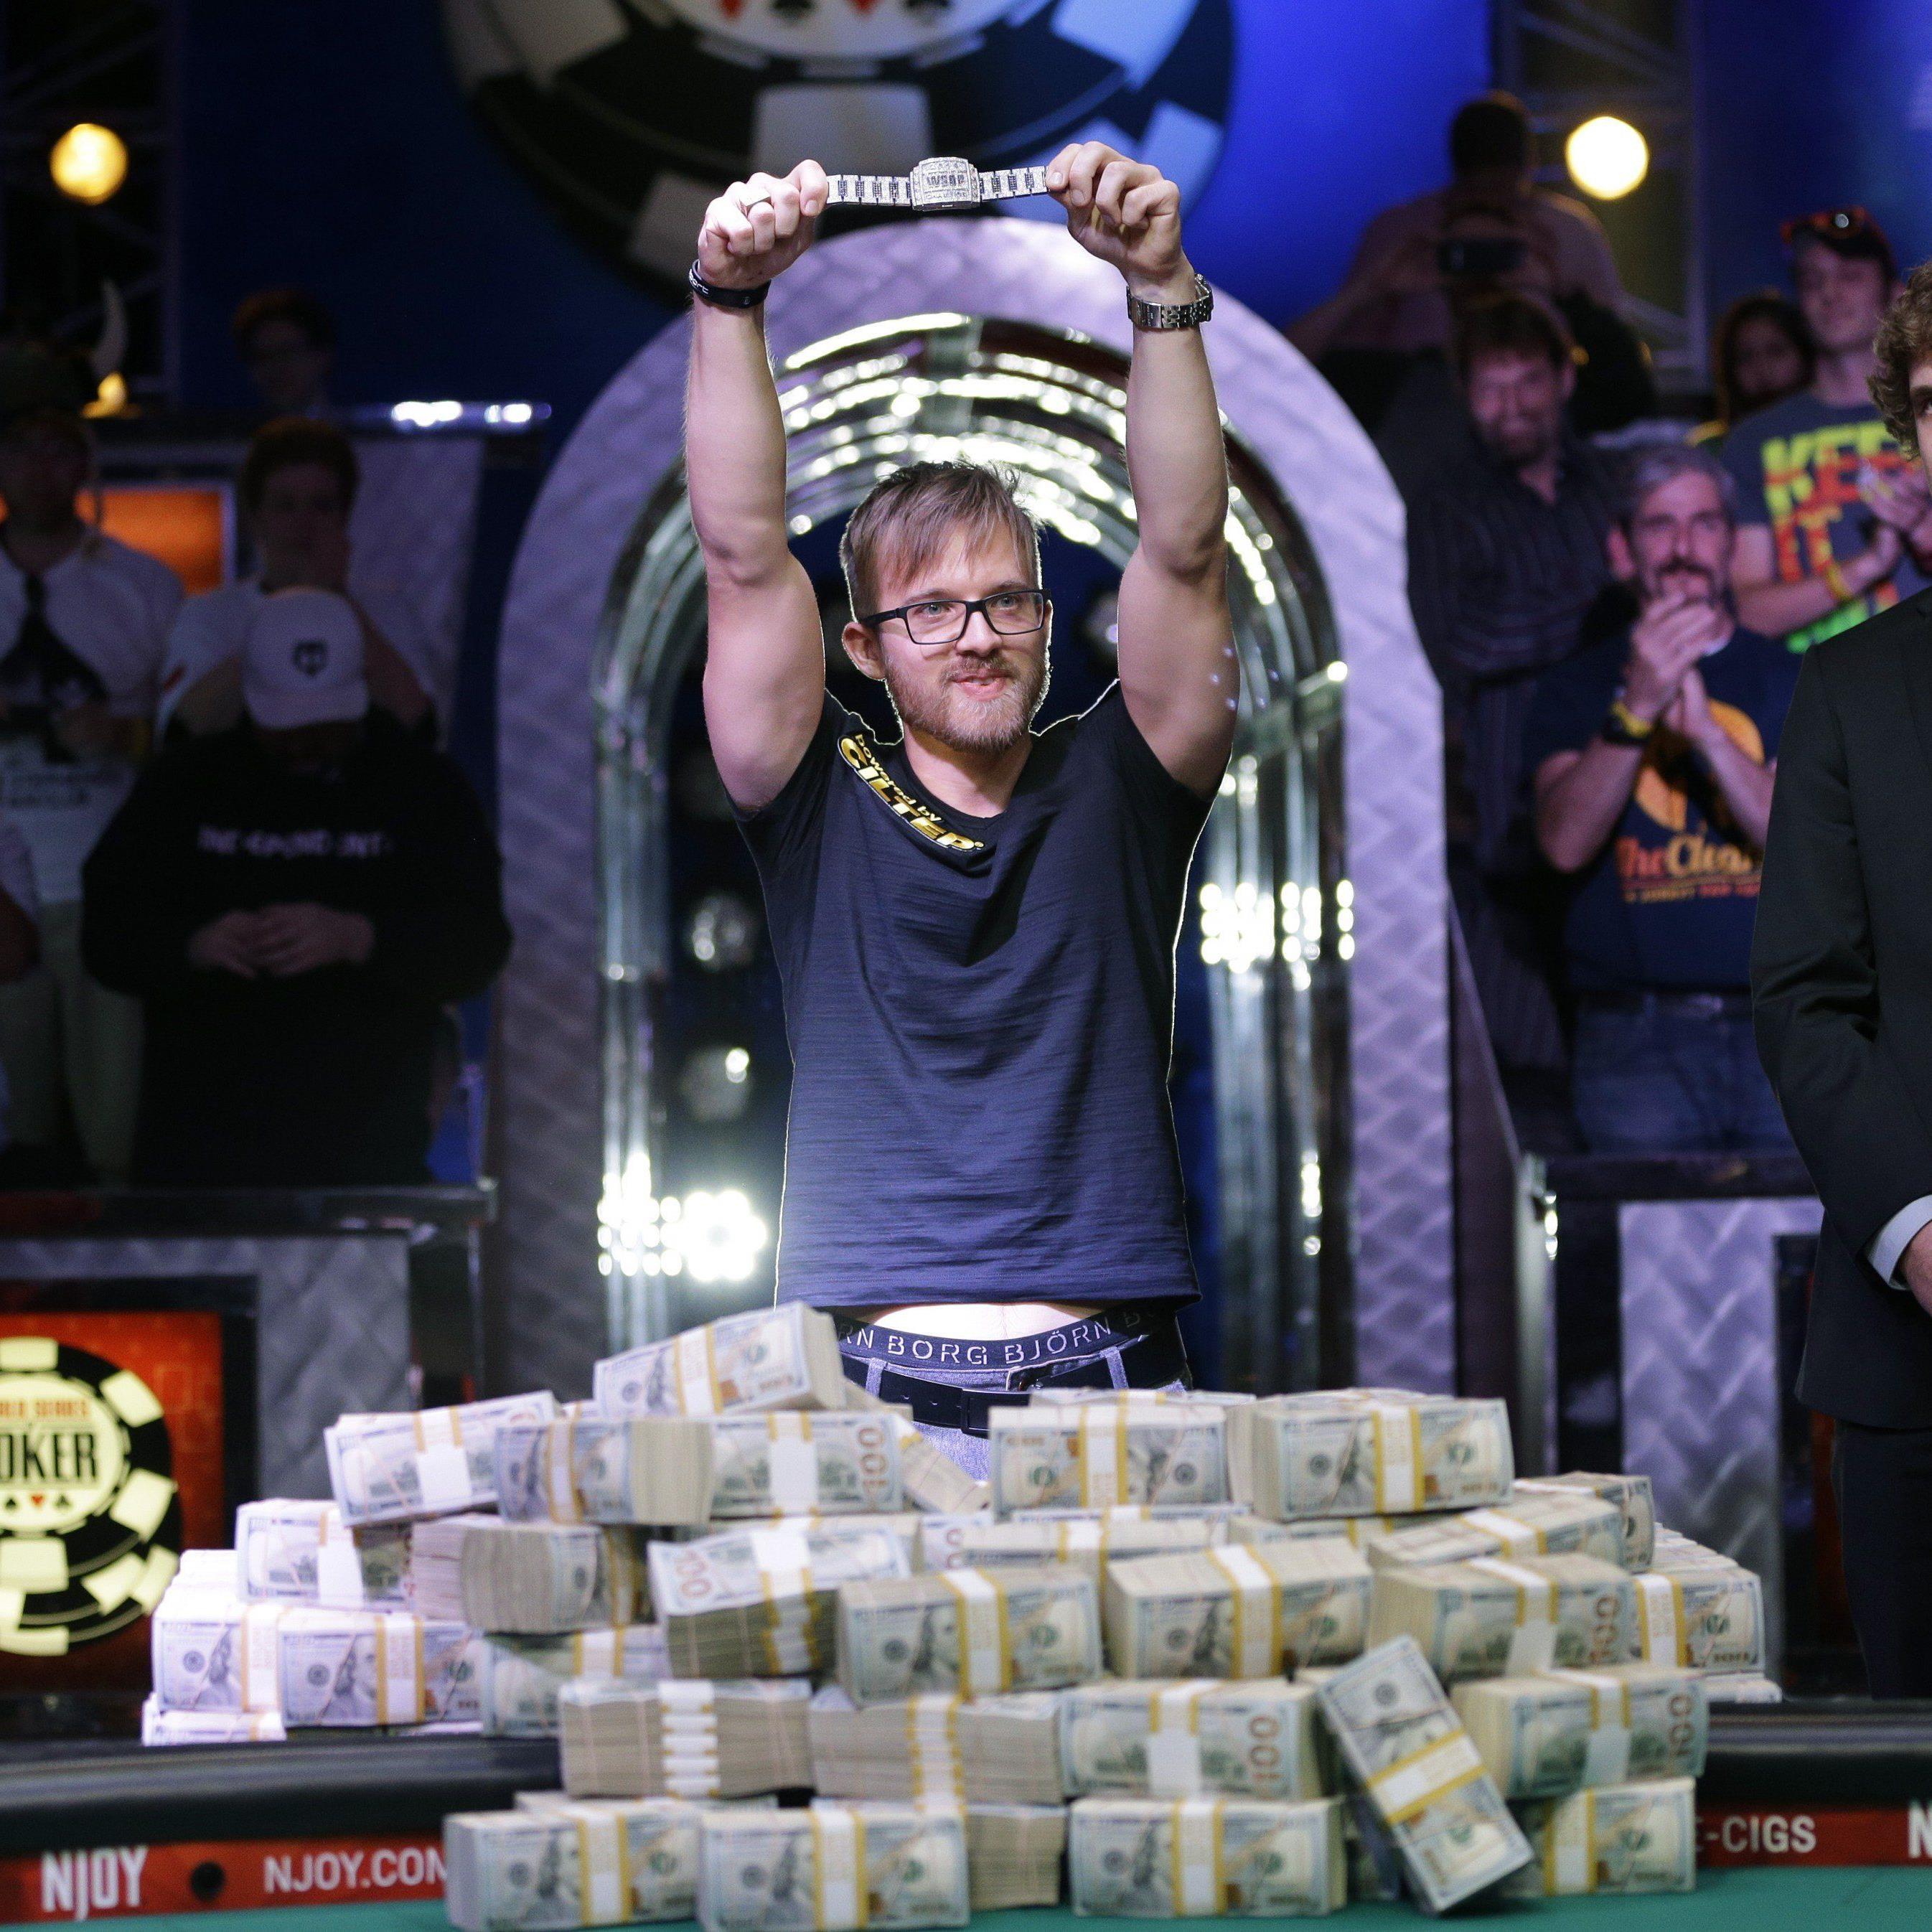 Der Schwede siegte über 6700 Konkurrenten